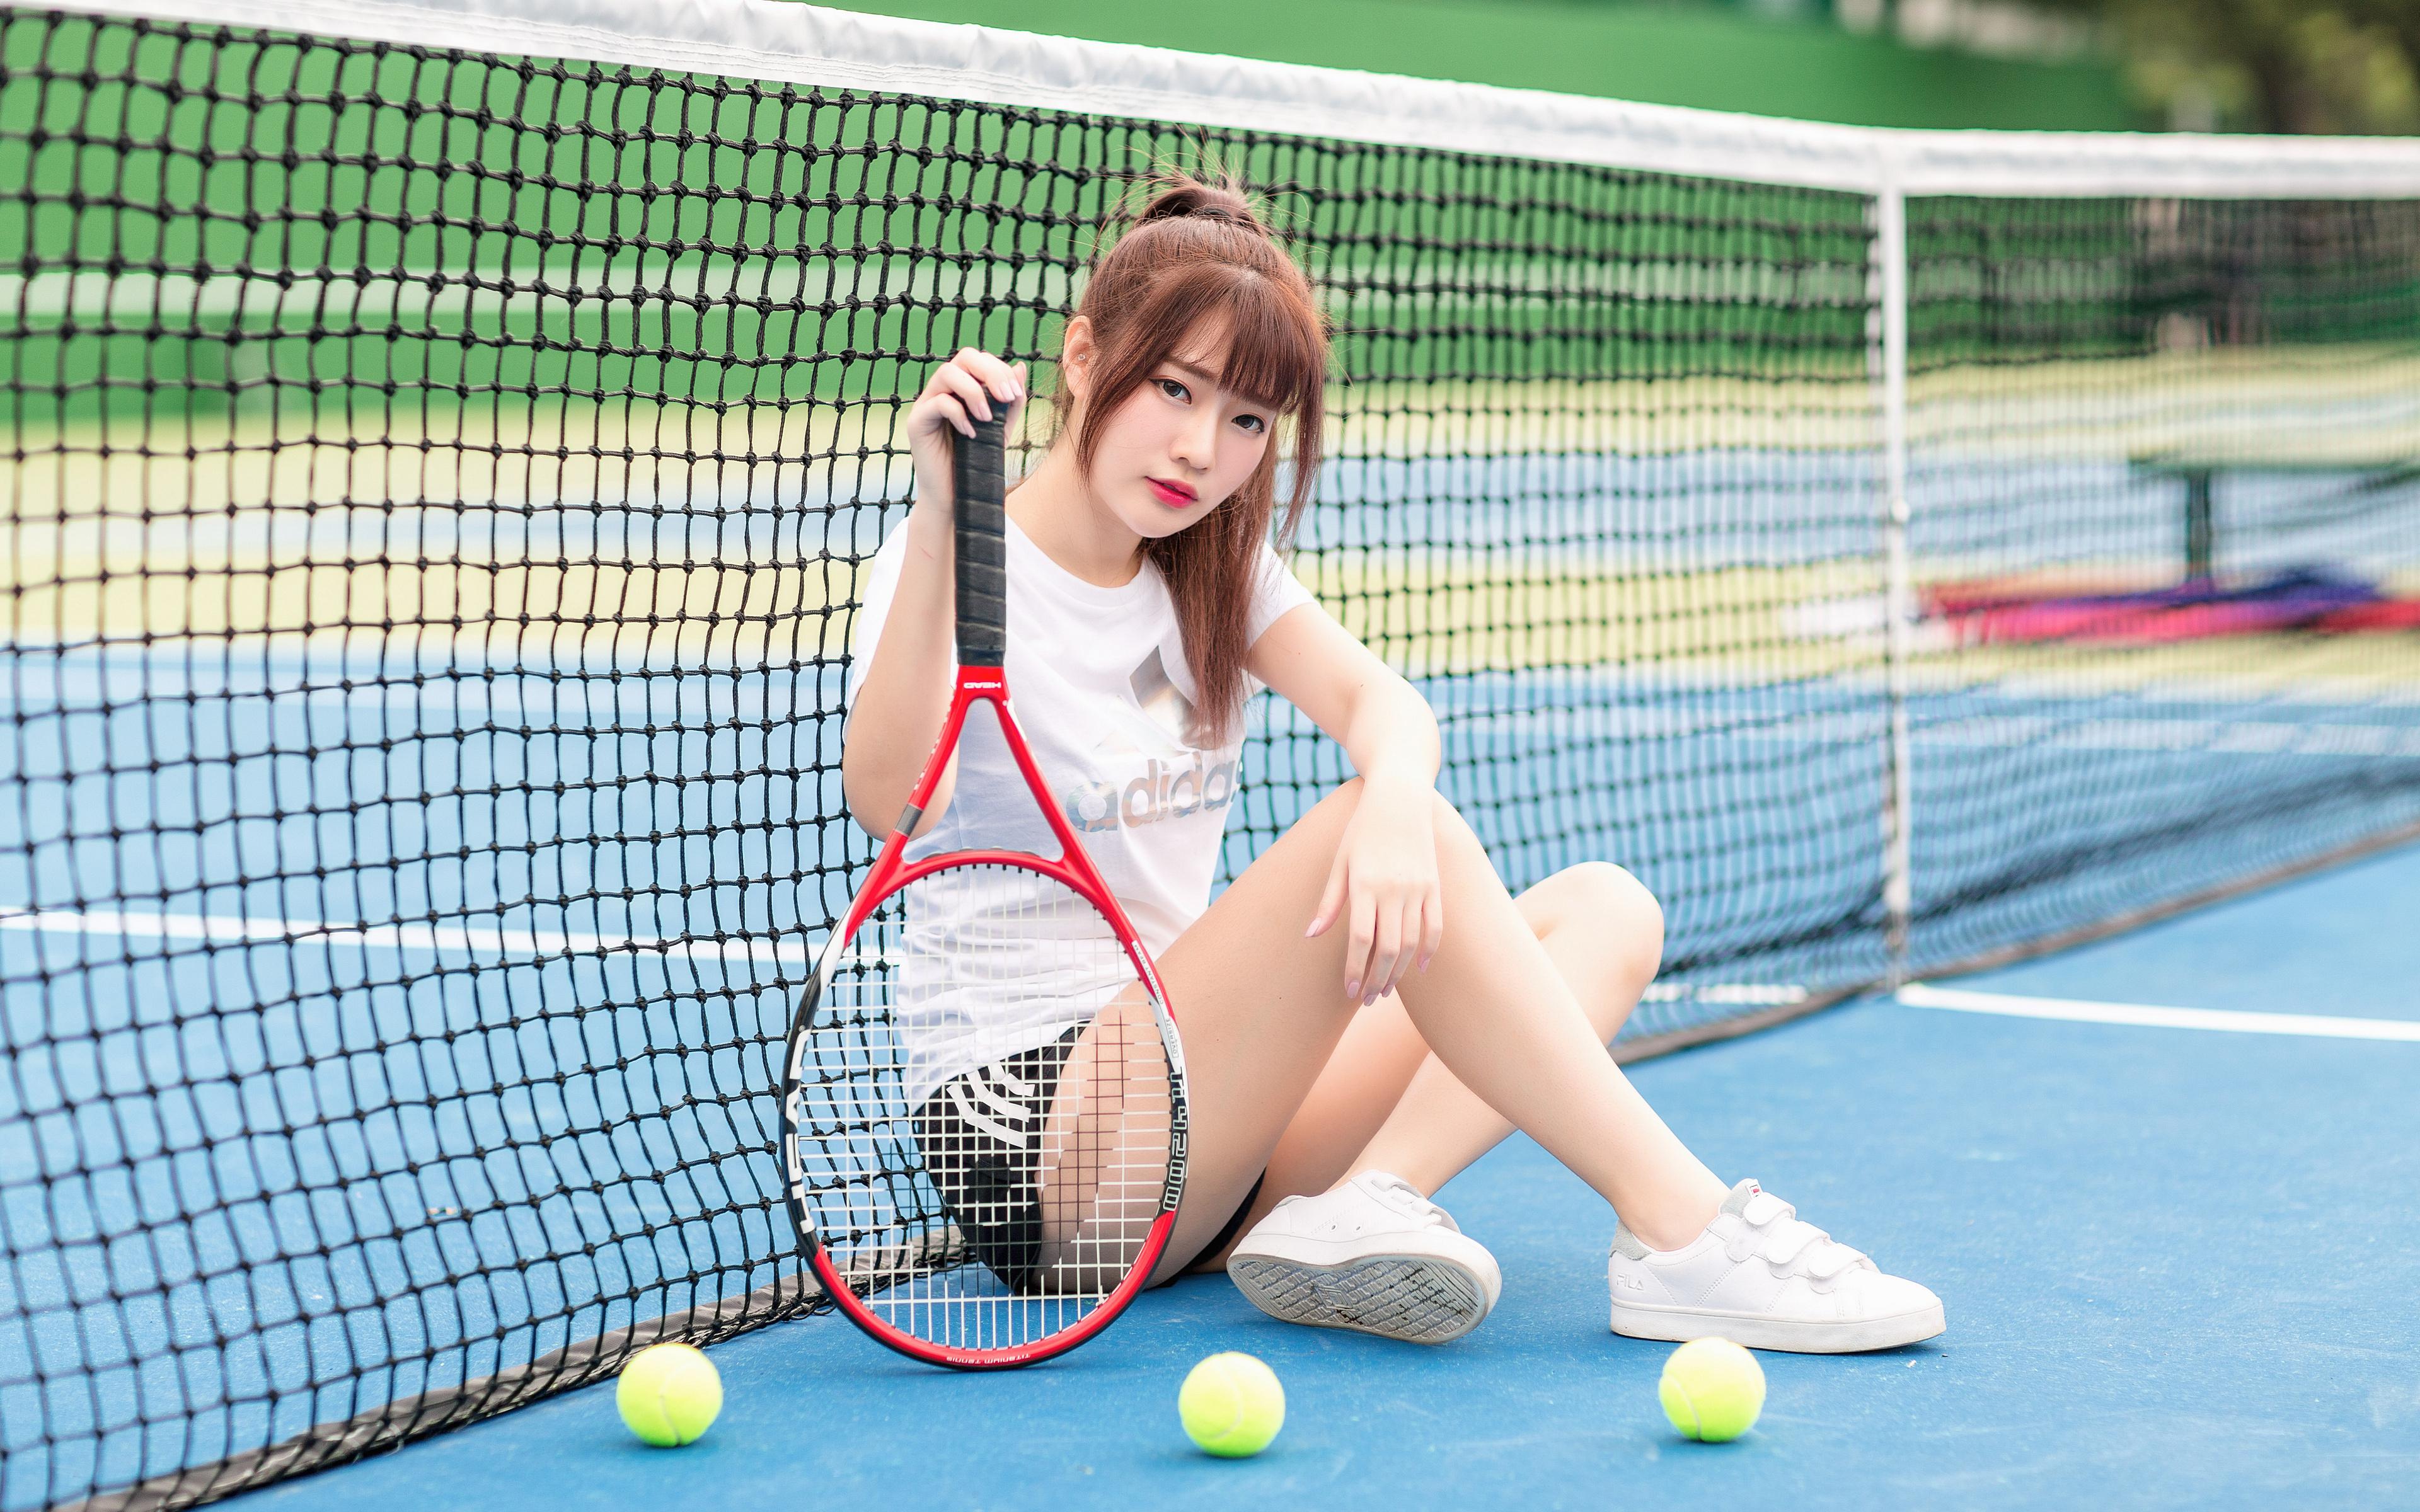 Bilder von Sportnetze junge frau Bein Tennis asiatisches Ball sitzt Blick 3840x2400 Mädchens junge Frauen Asiaten Asiatische sitzen Sitzend Starren